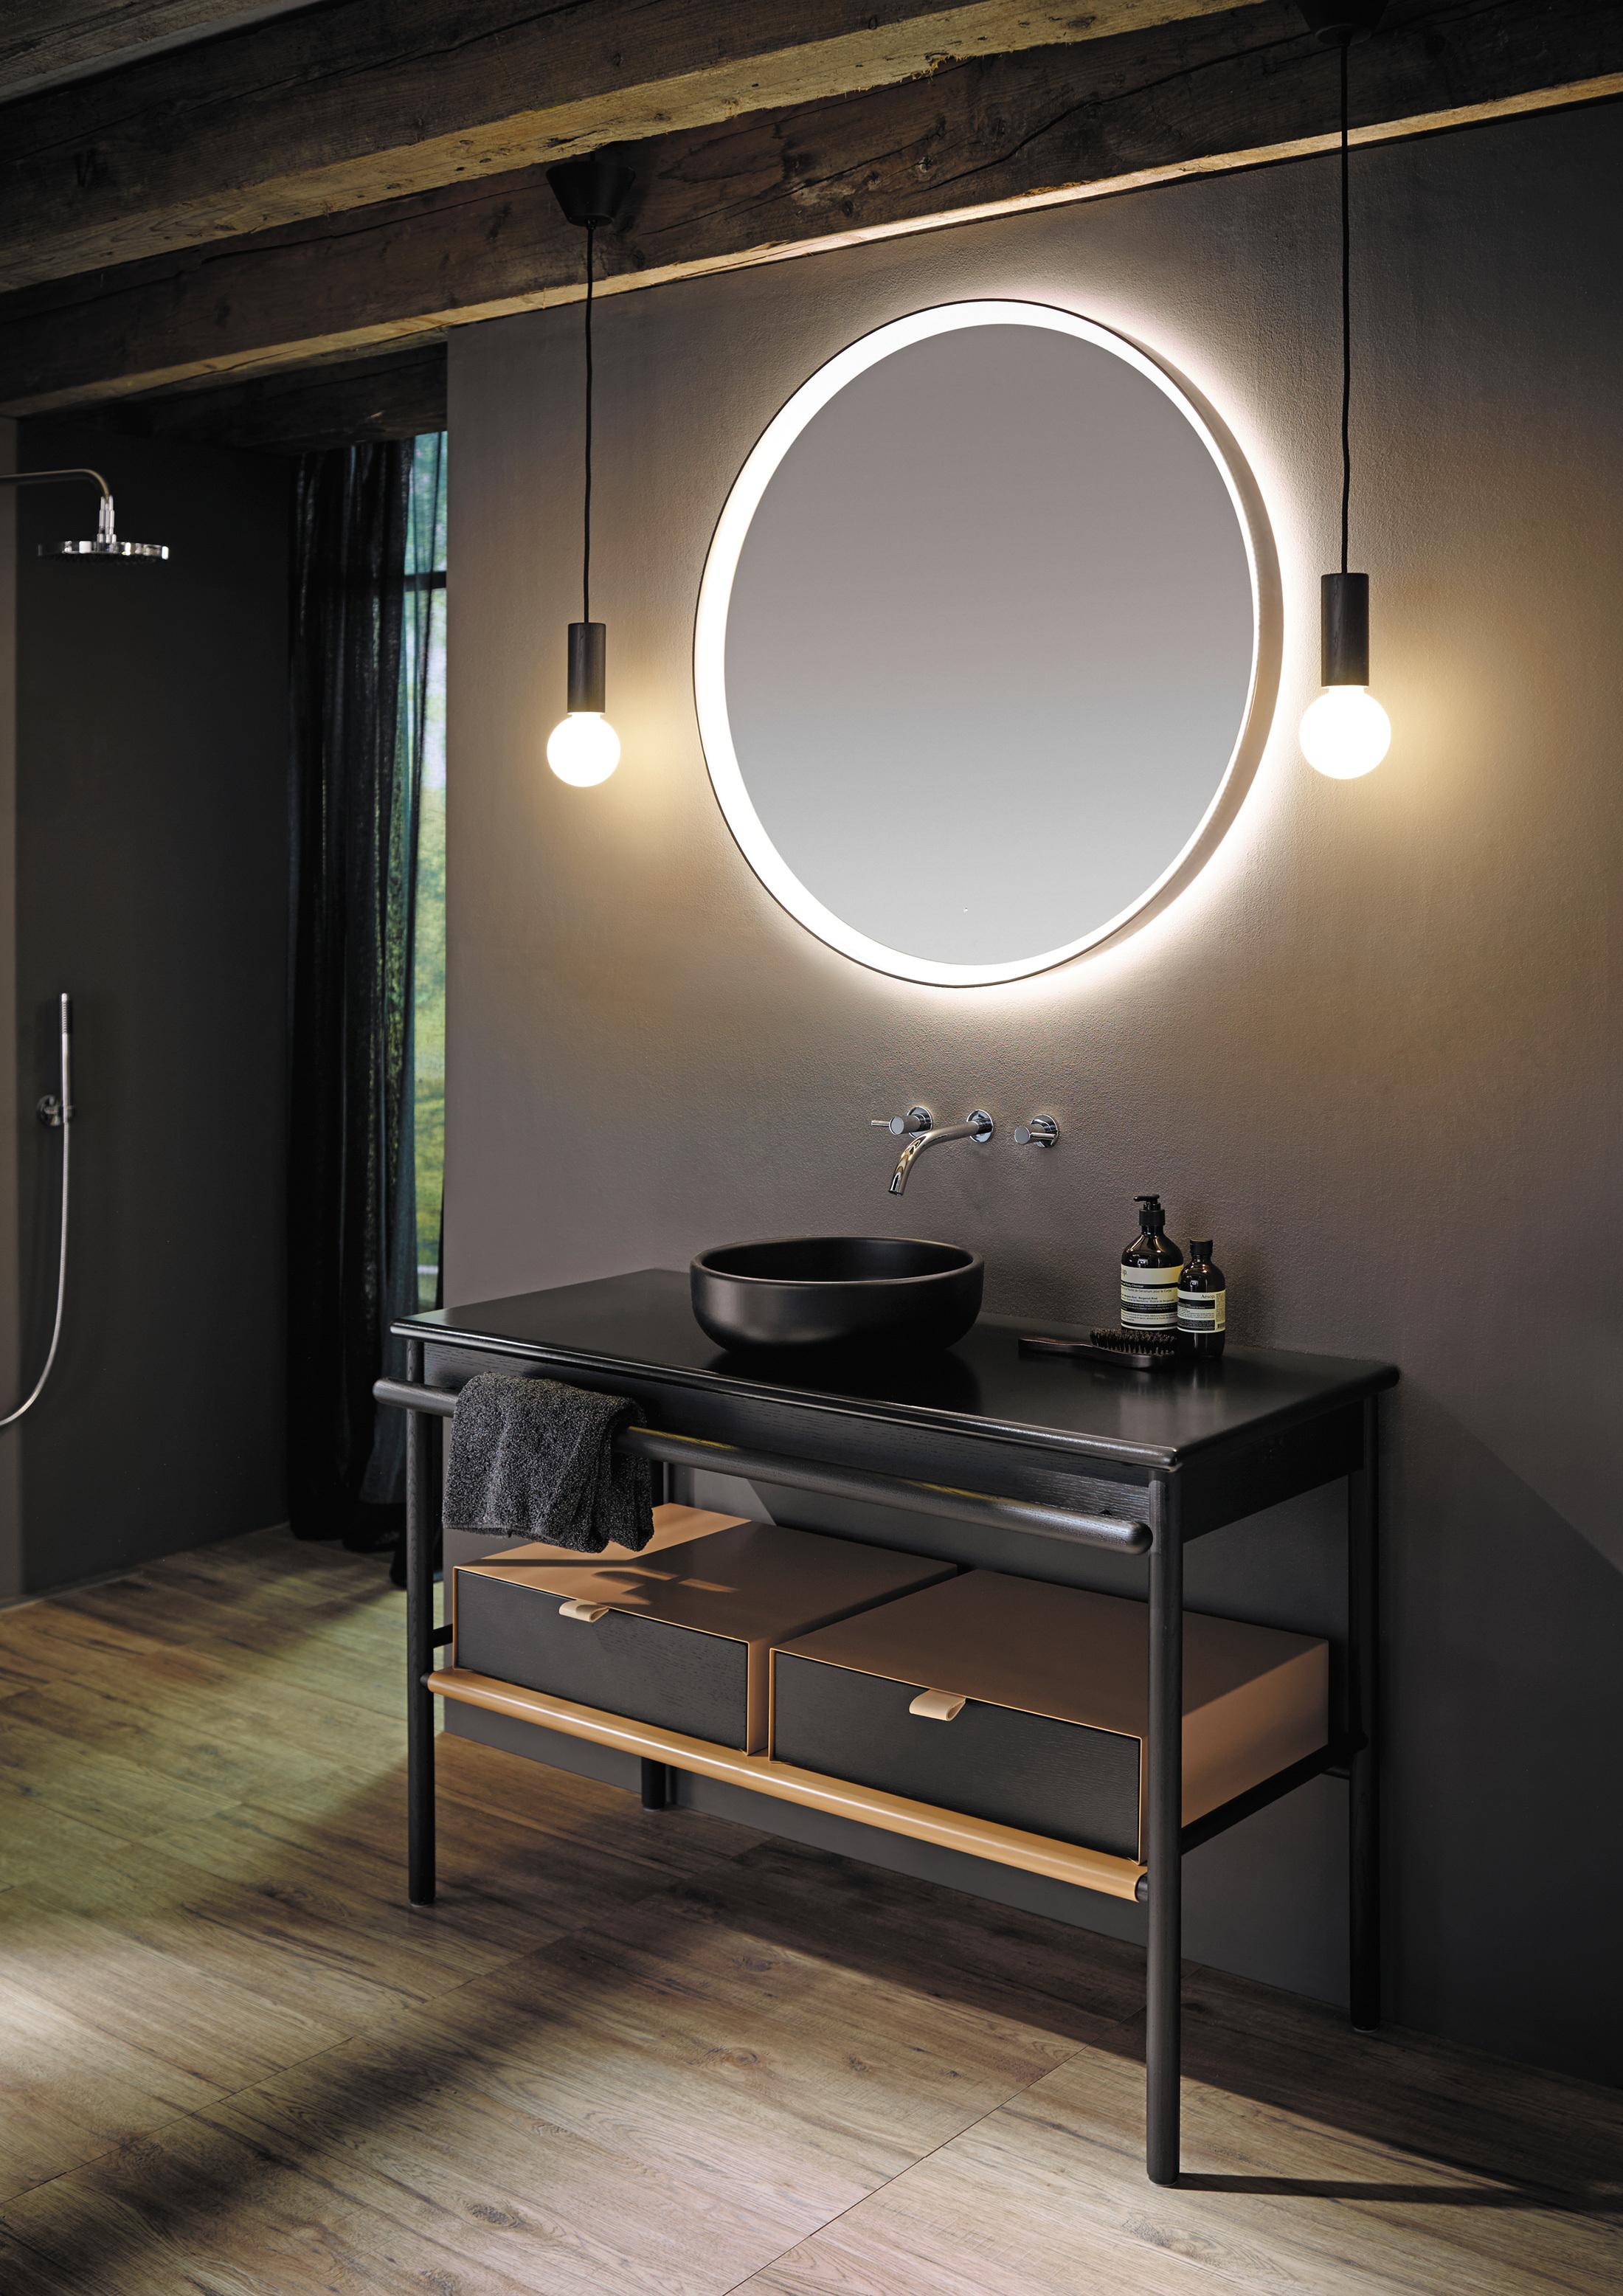 mya spiegel mit led beleuchtung und umlaufender led rahmen